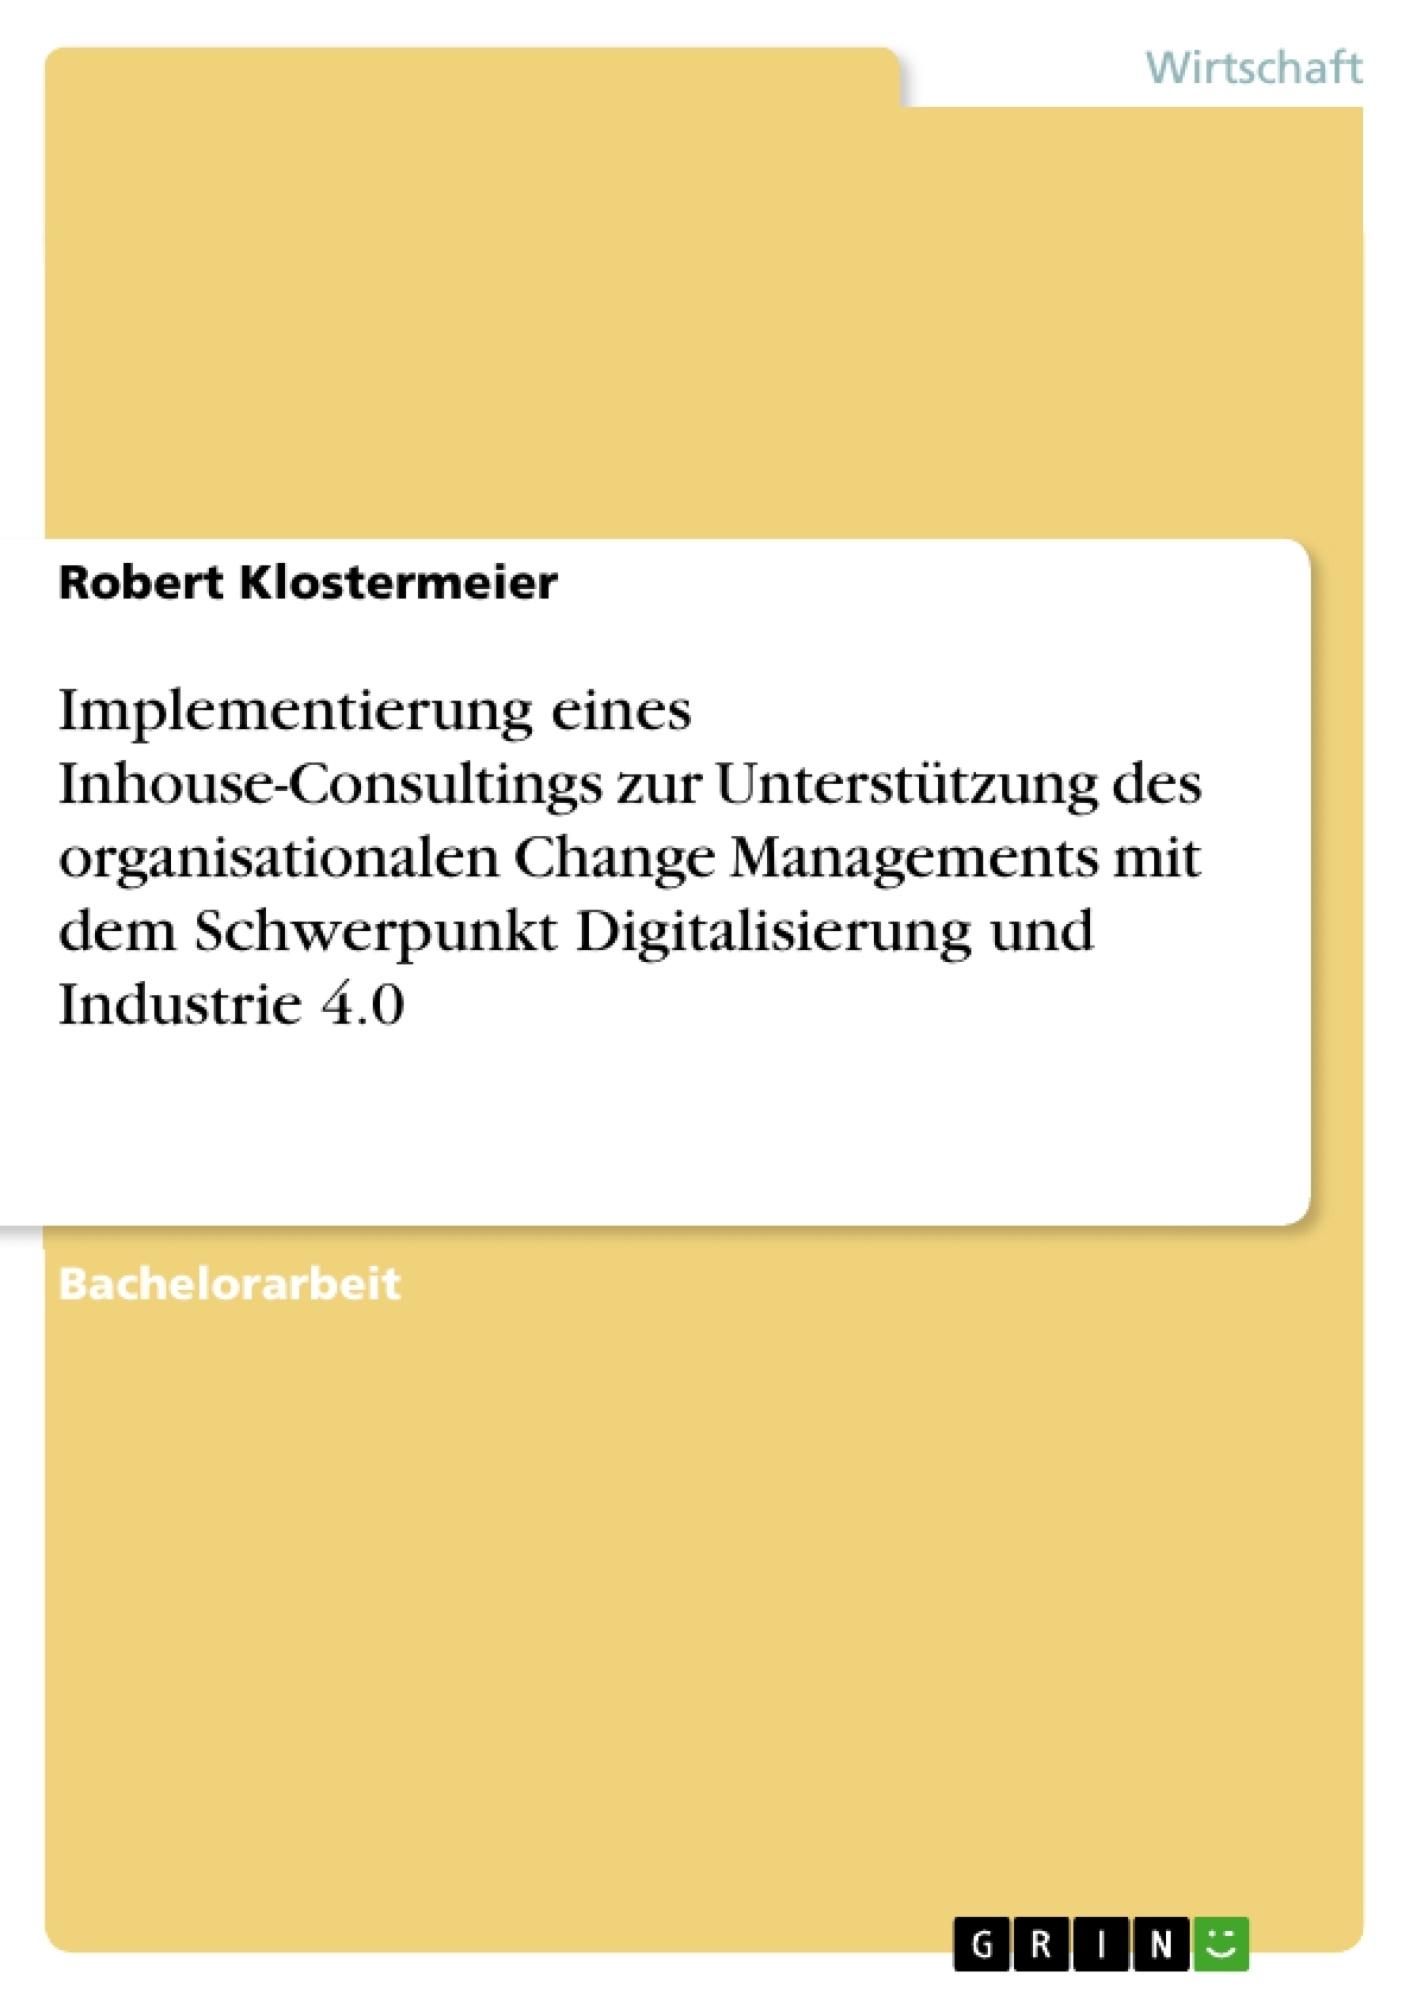 Titel: Implementierung eines Inhouse-Consultings zur Unterstützung des organisationalen Change Managements mit dem Schwerpunkt Digitalisierung und Industrie 4.0